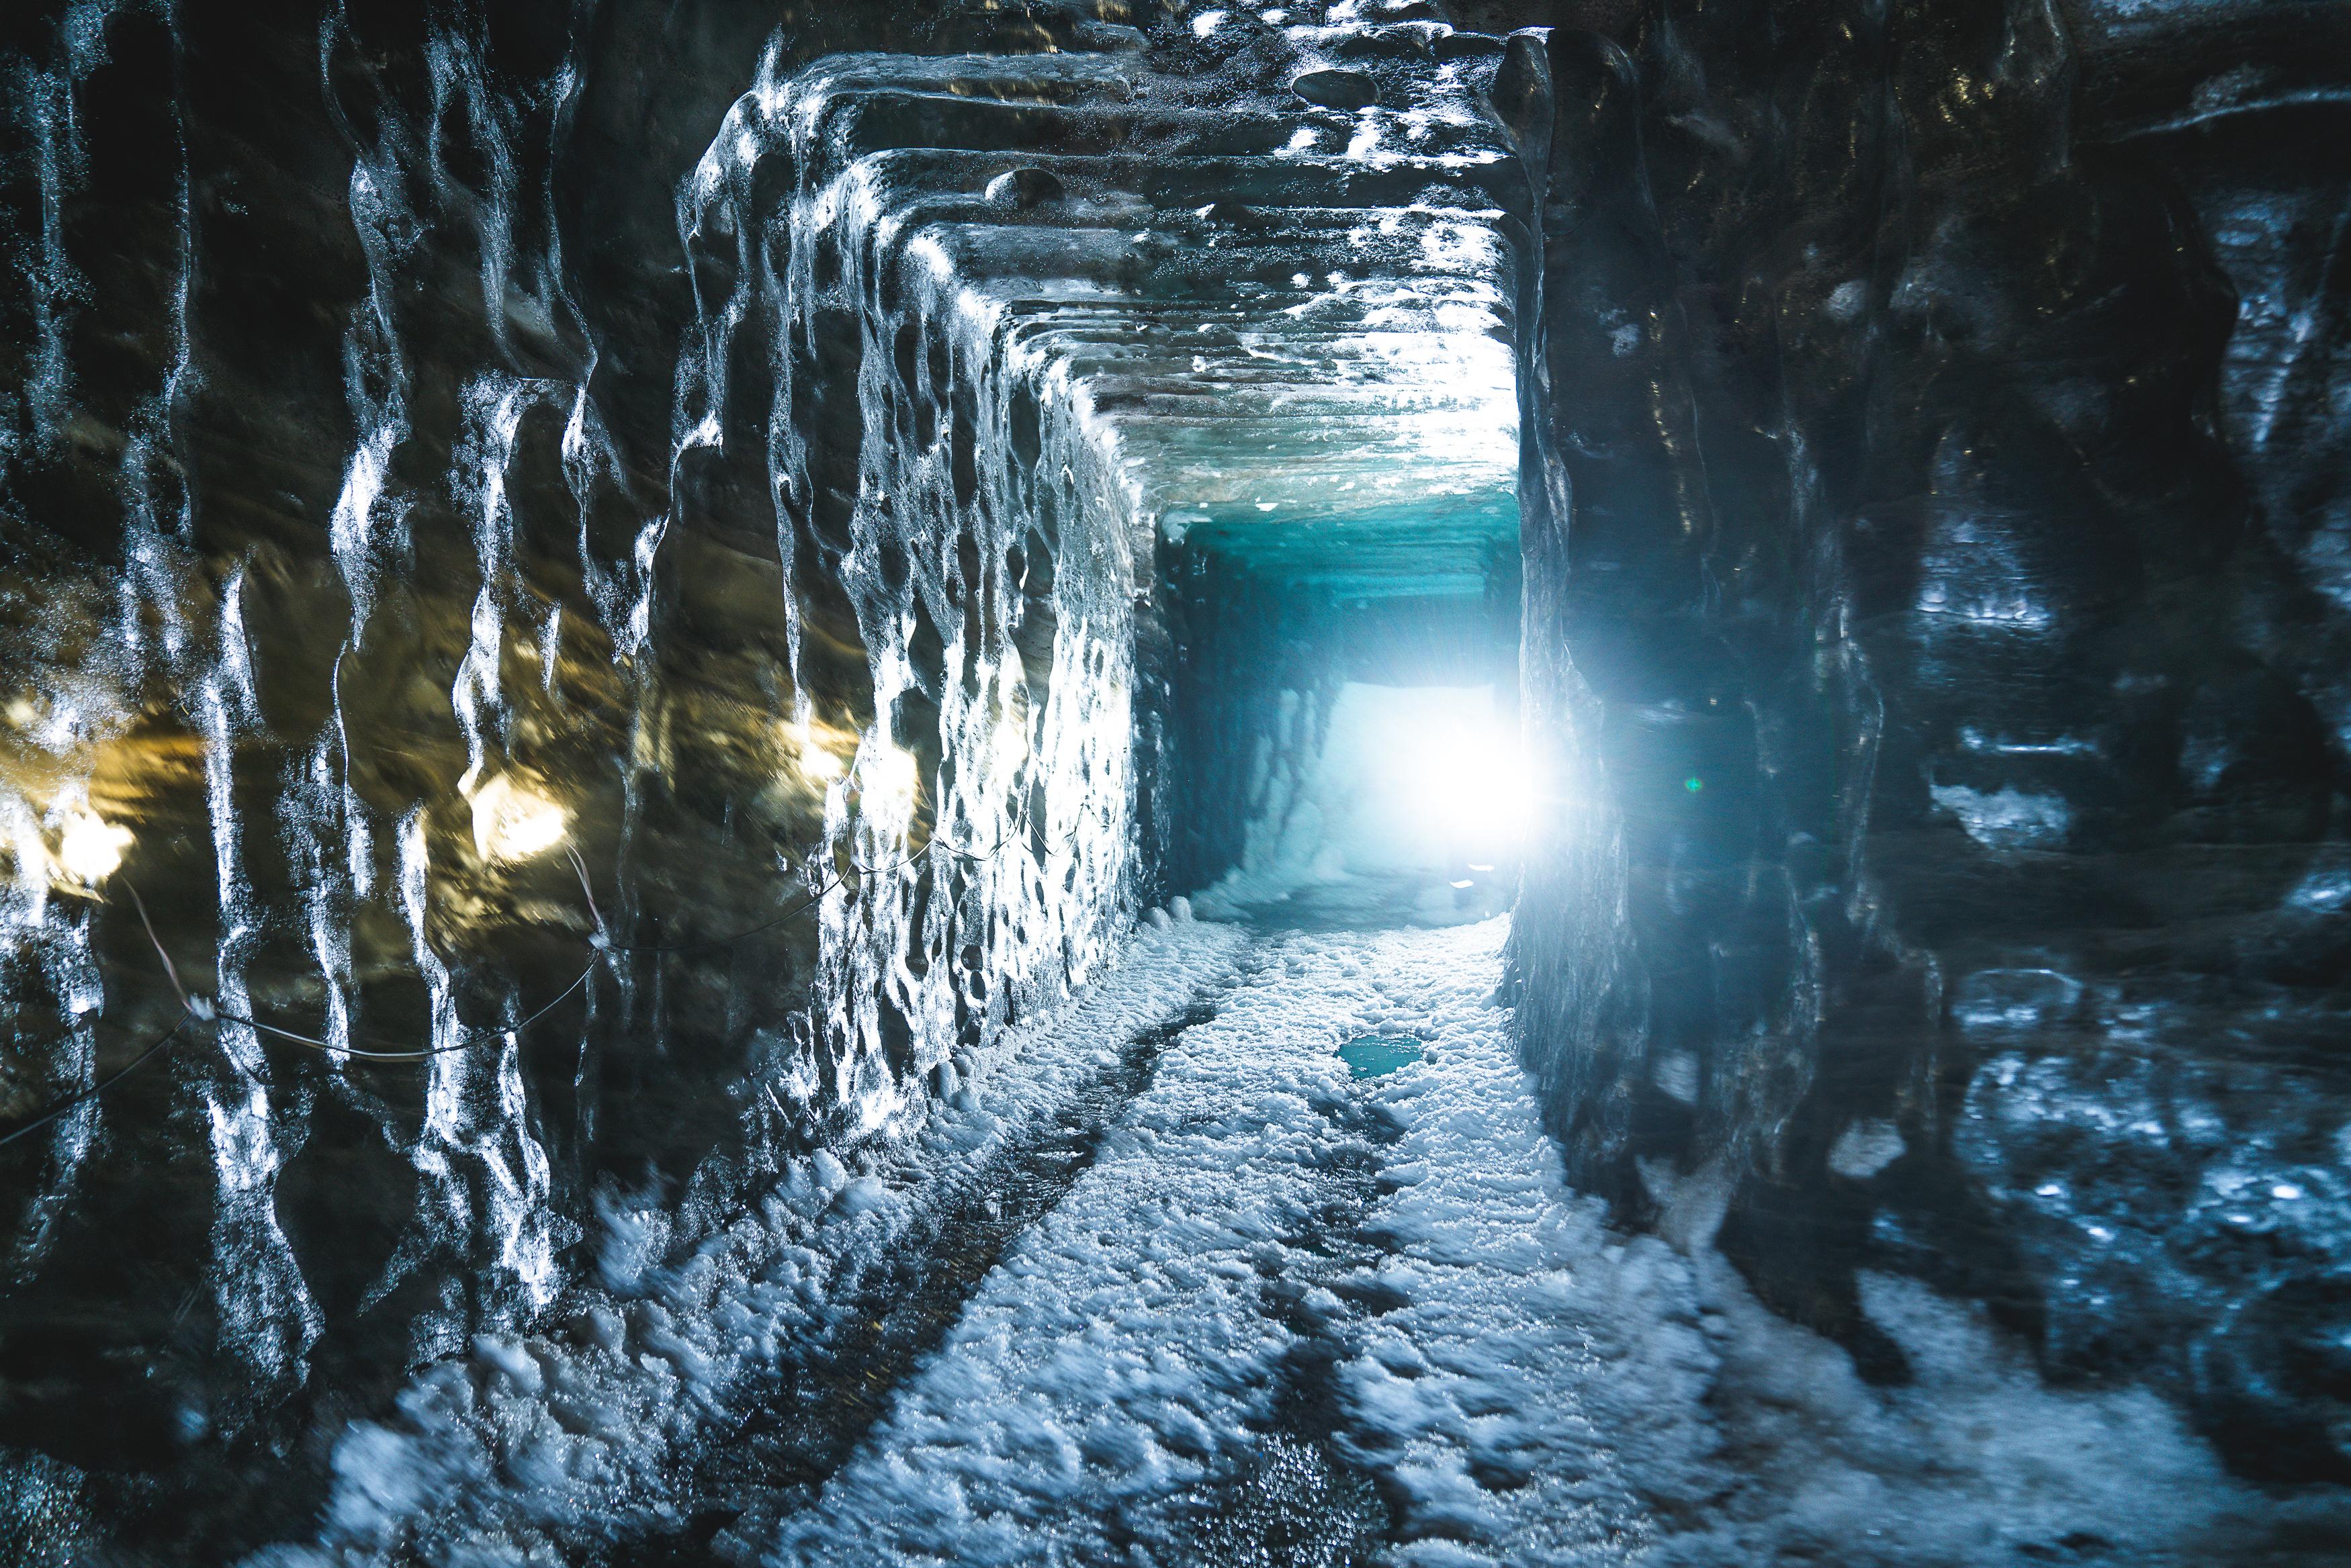 朗格冰川雪地摩托—天然冰洞组合旅行团|黄金瀑布出发、适合自驾